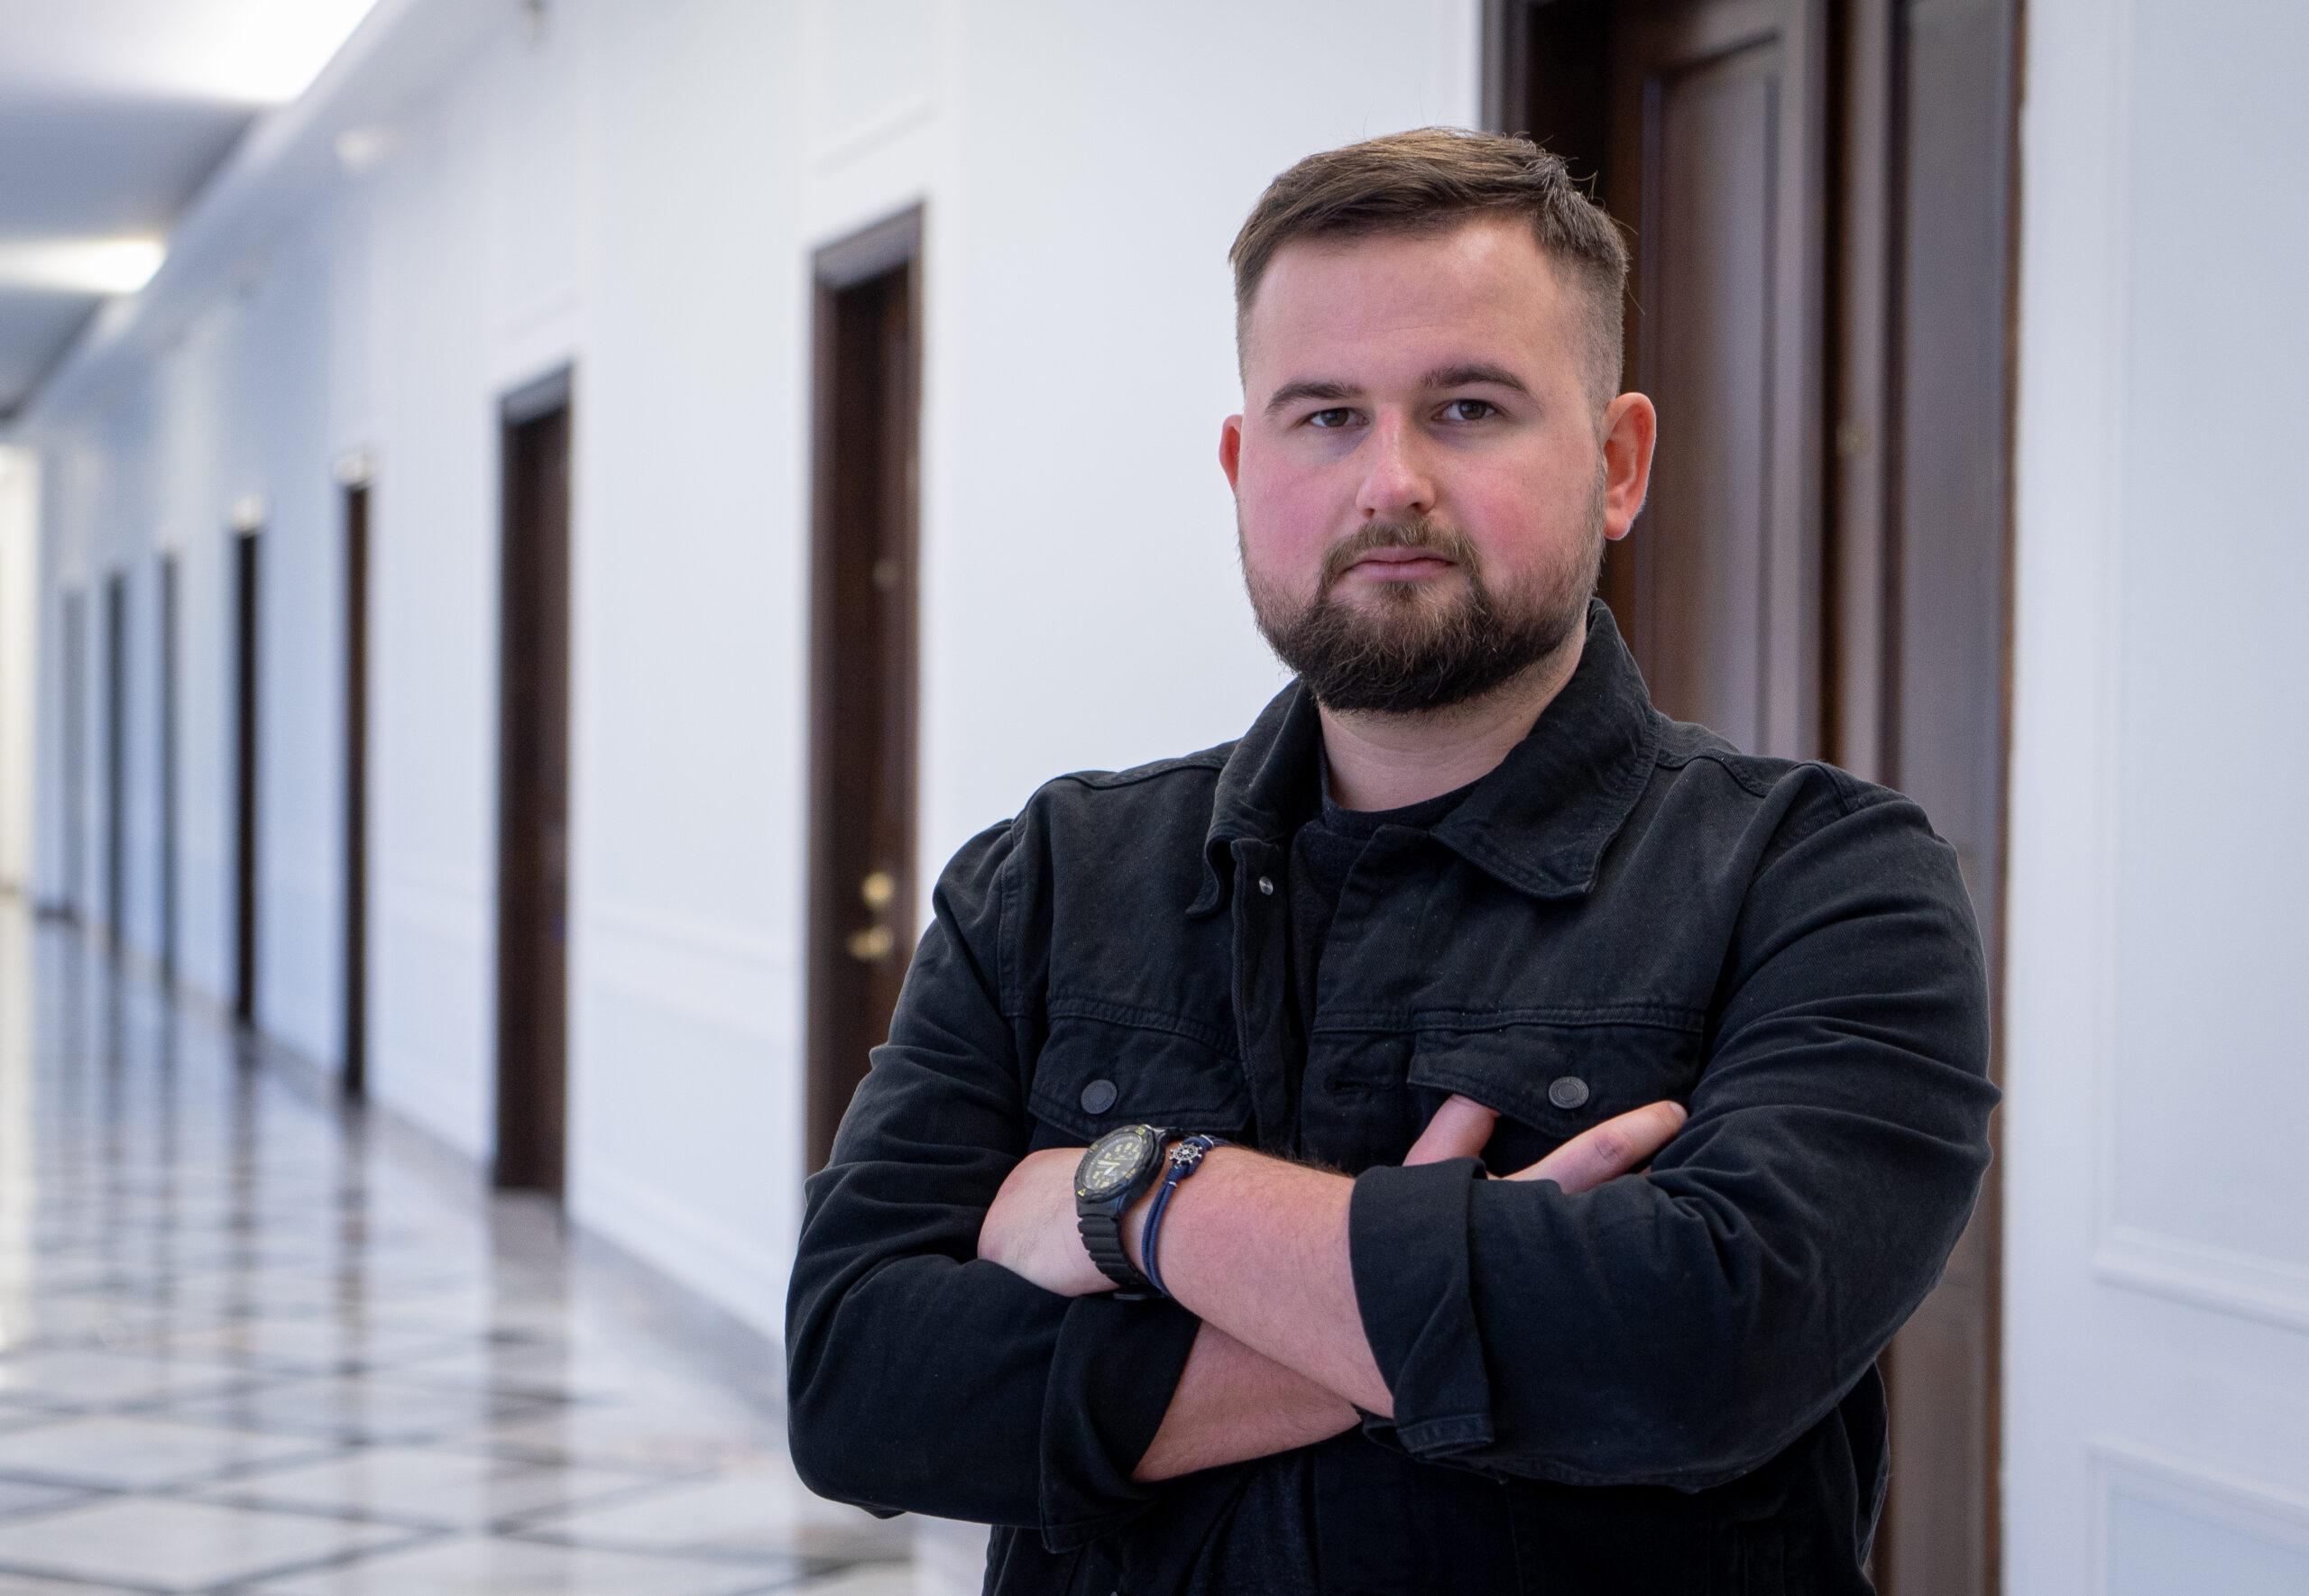 """[WYWIAD] Jaskulski, nowy Przewodniczący FMS: """"Czas pokaże, czypołączymy młodzieżówki"""""""